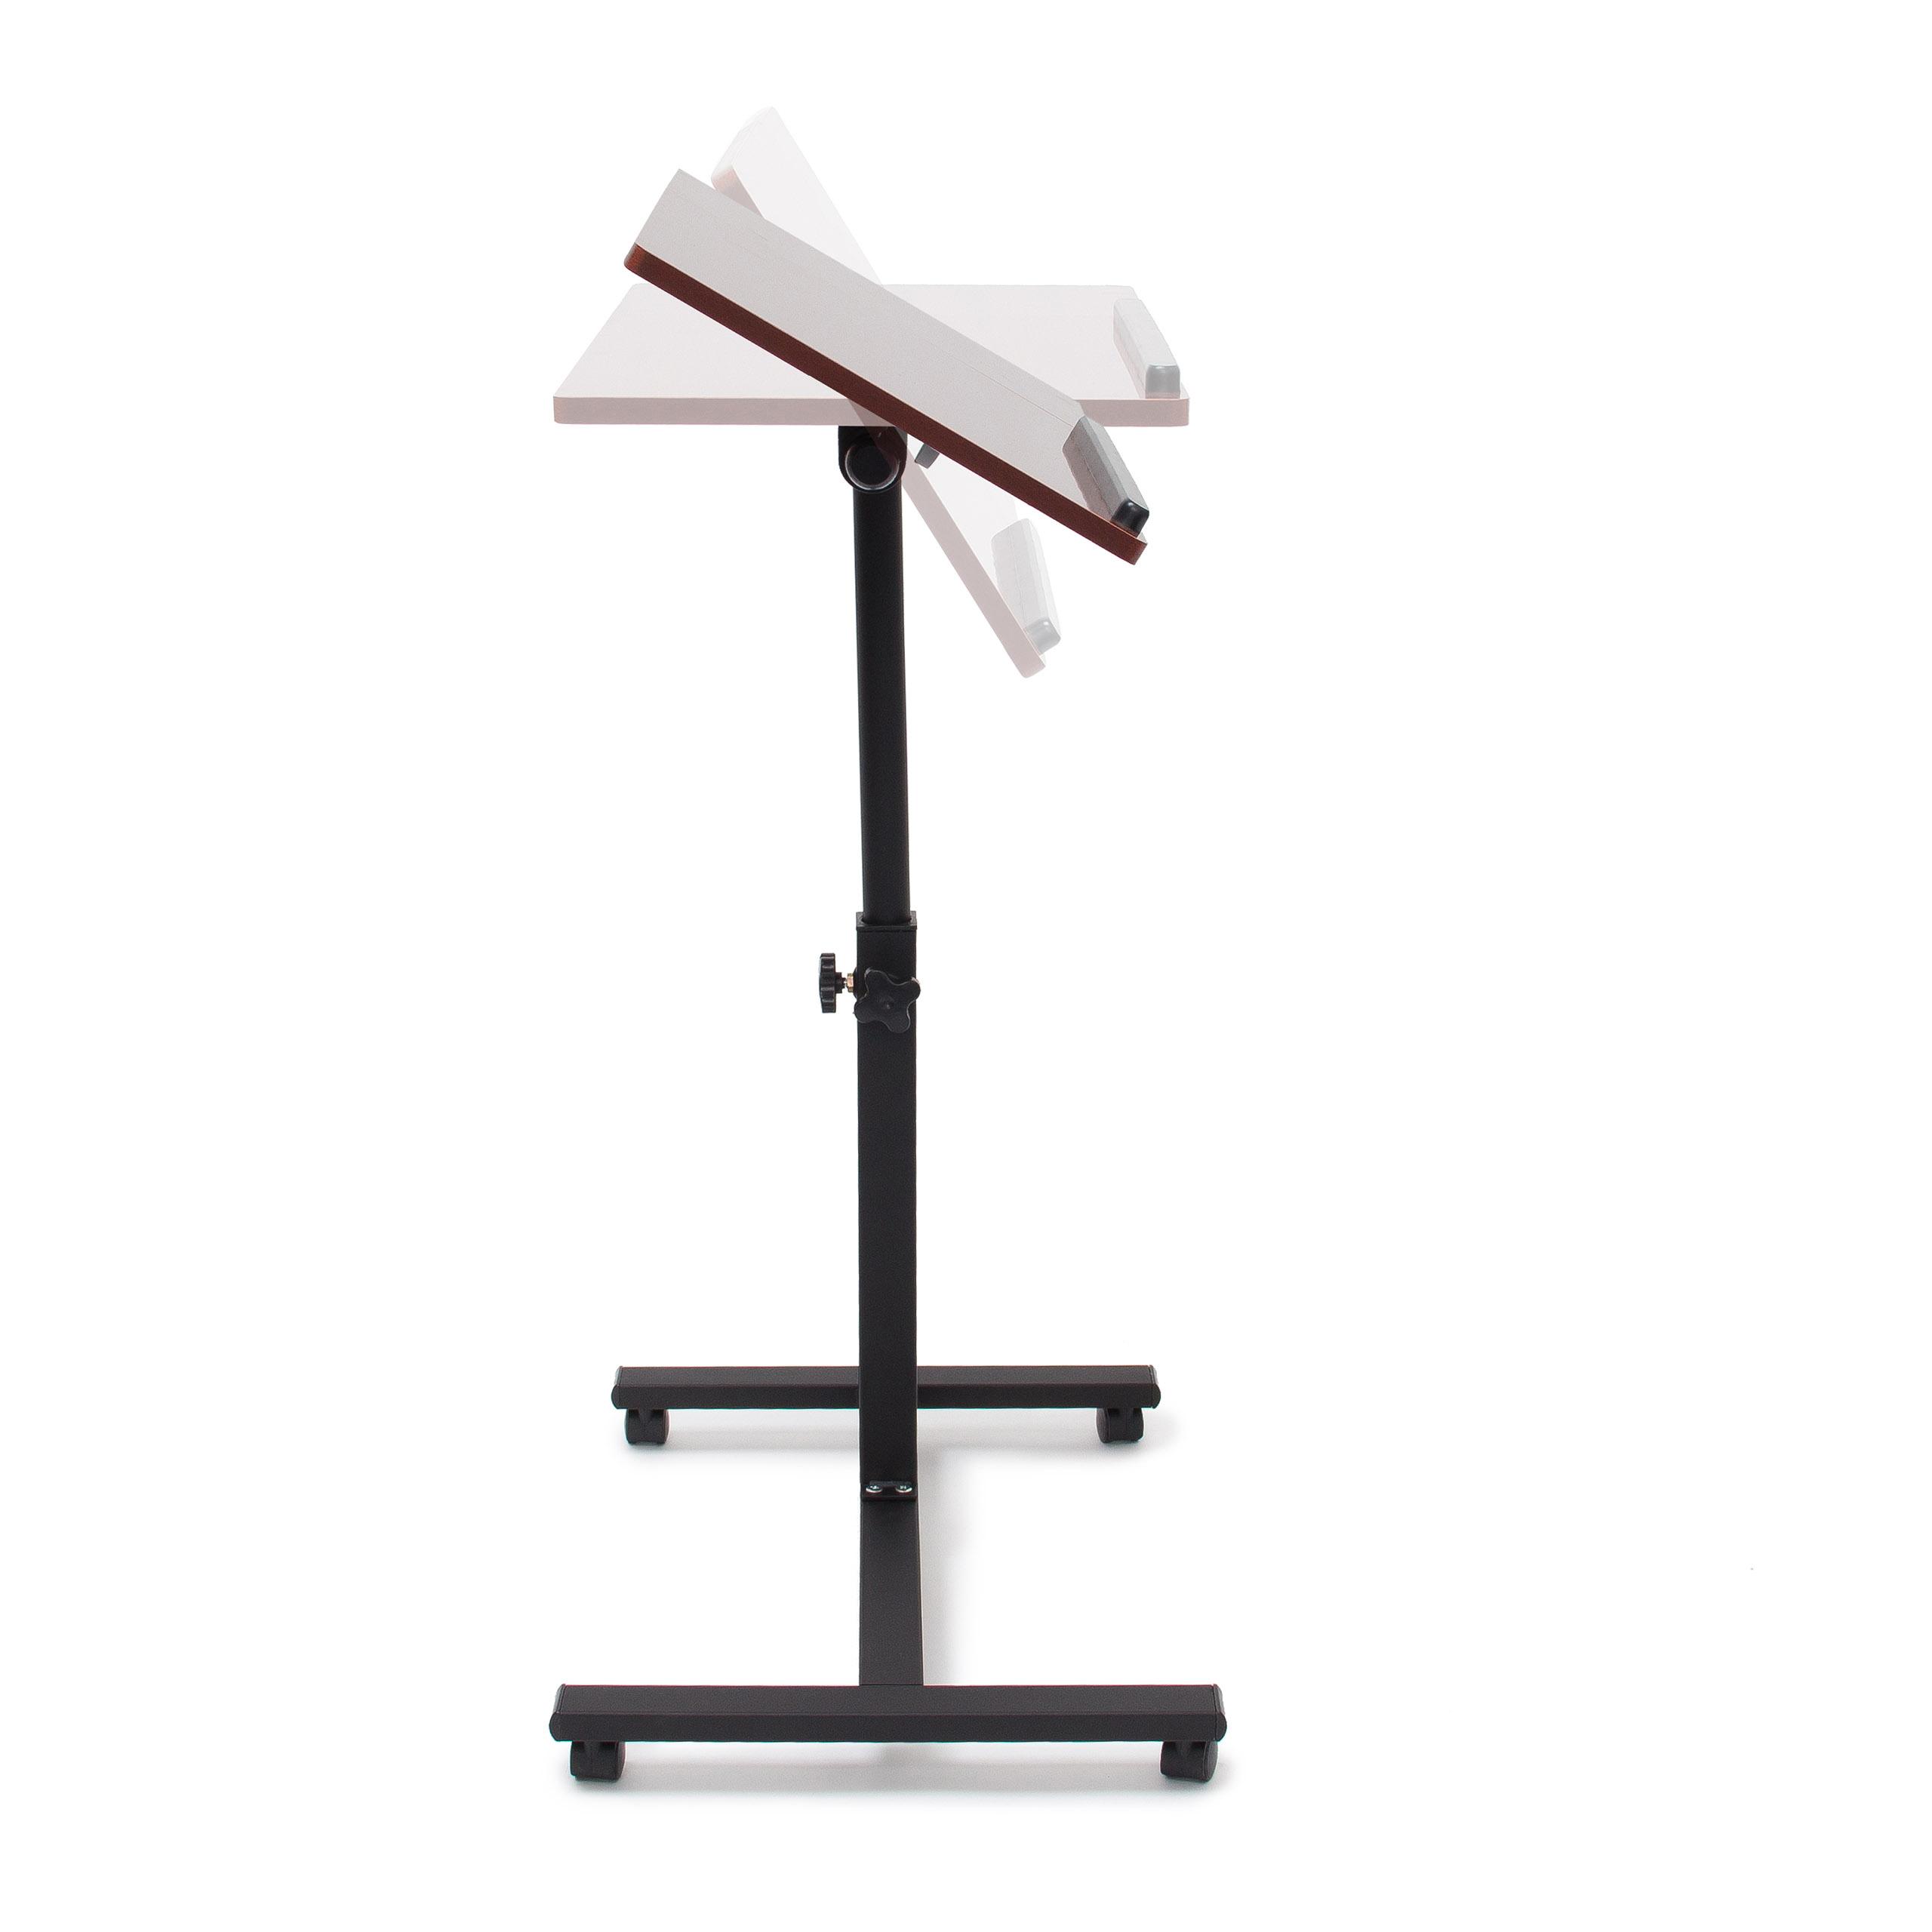 Laptoptisch höhenverstellbar Notebook Ständer Laptop Tisch Holz Sofatisch Rollen